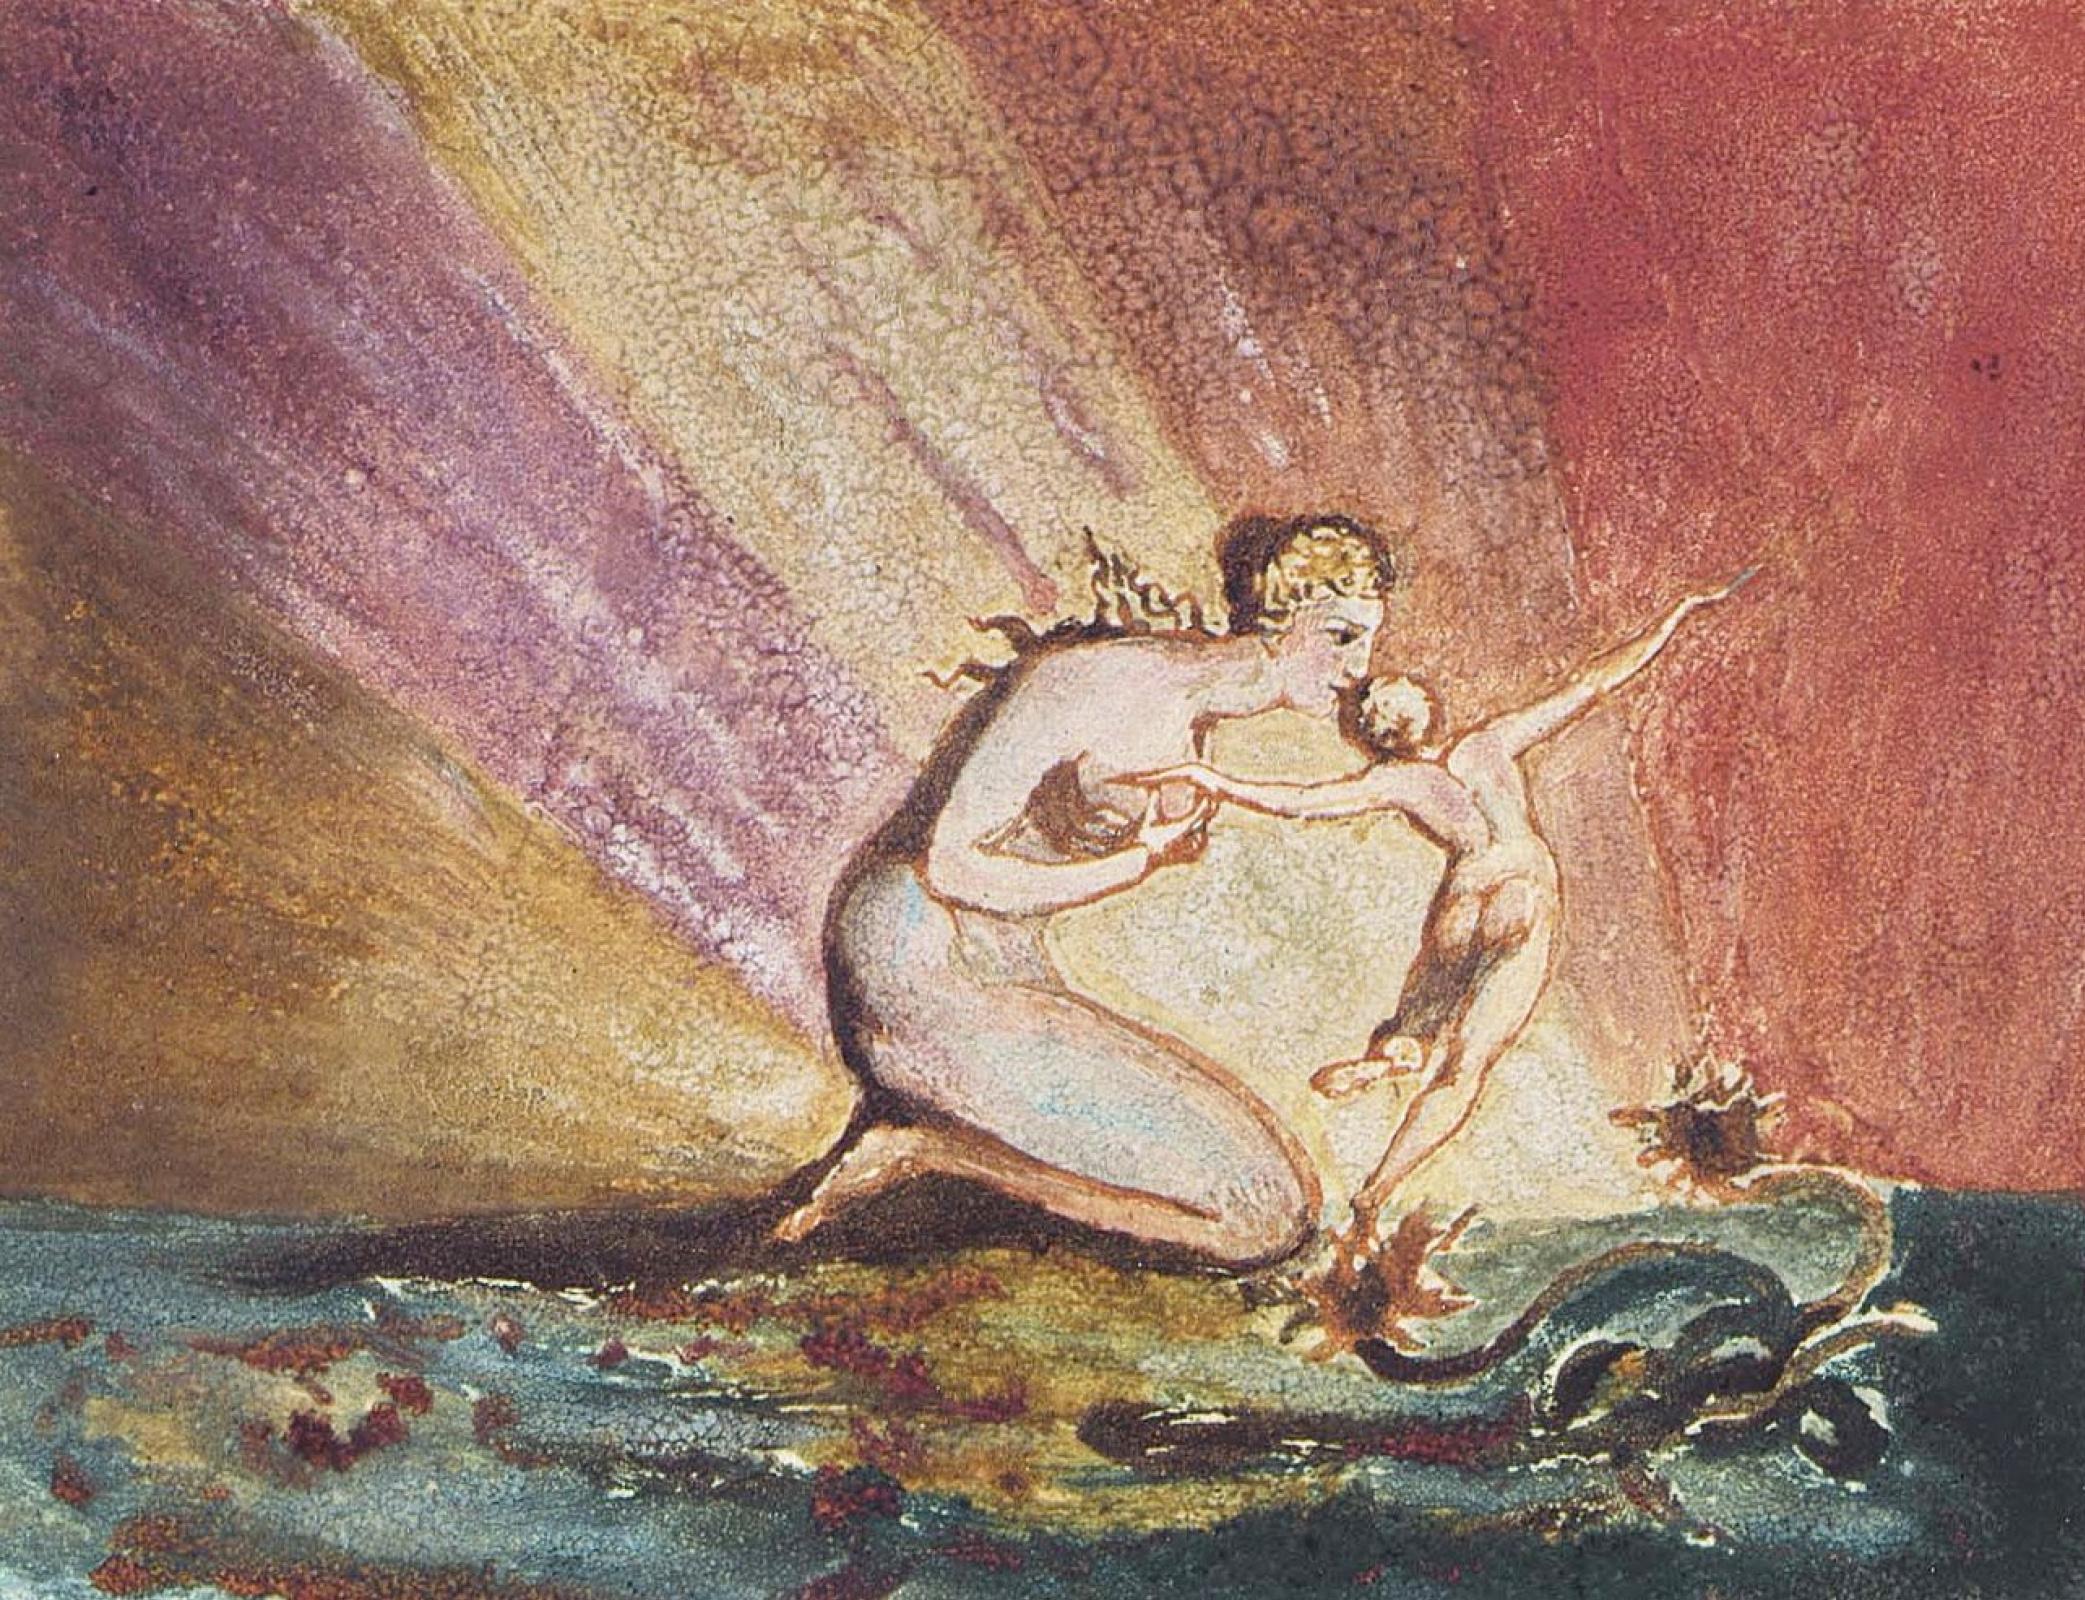 Уильям Блейк. Первая книга Уризена. Видения дочерей Альбиона II